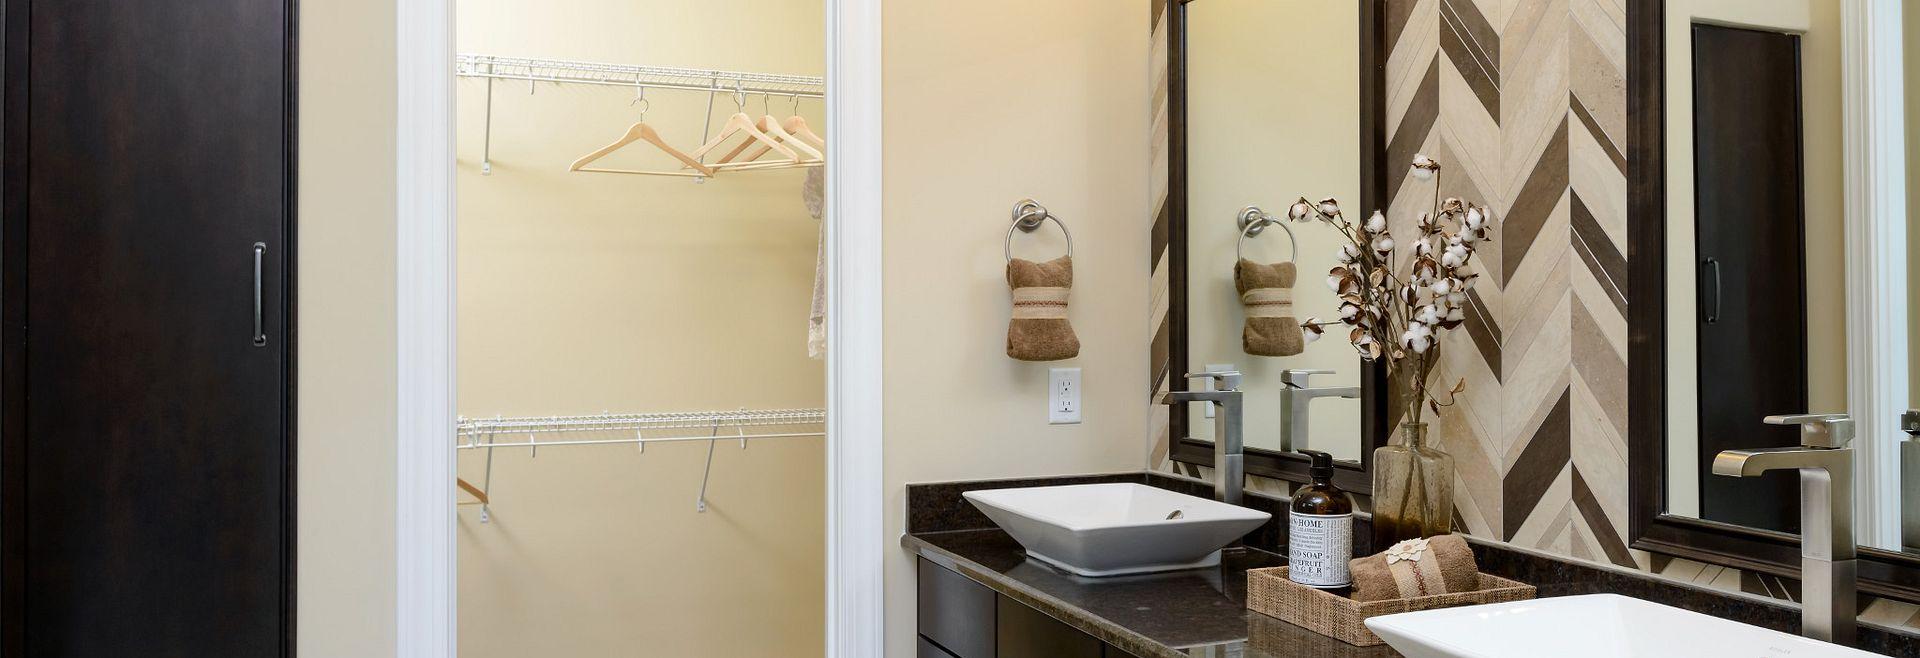 Trilogy Lake Norman Refresh Plan Master Bath